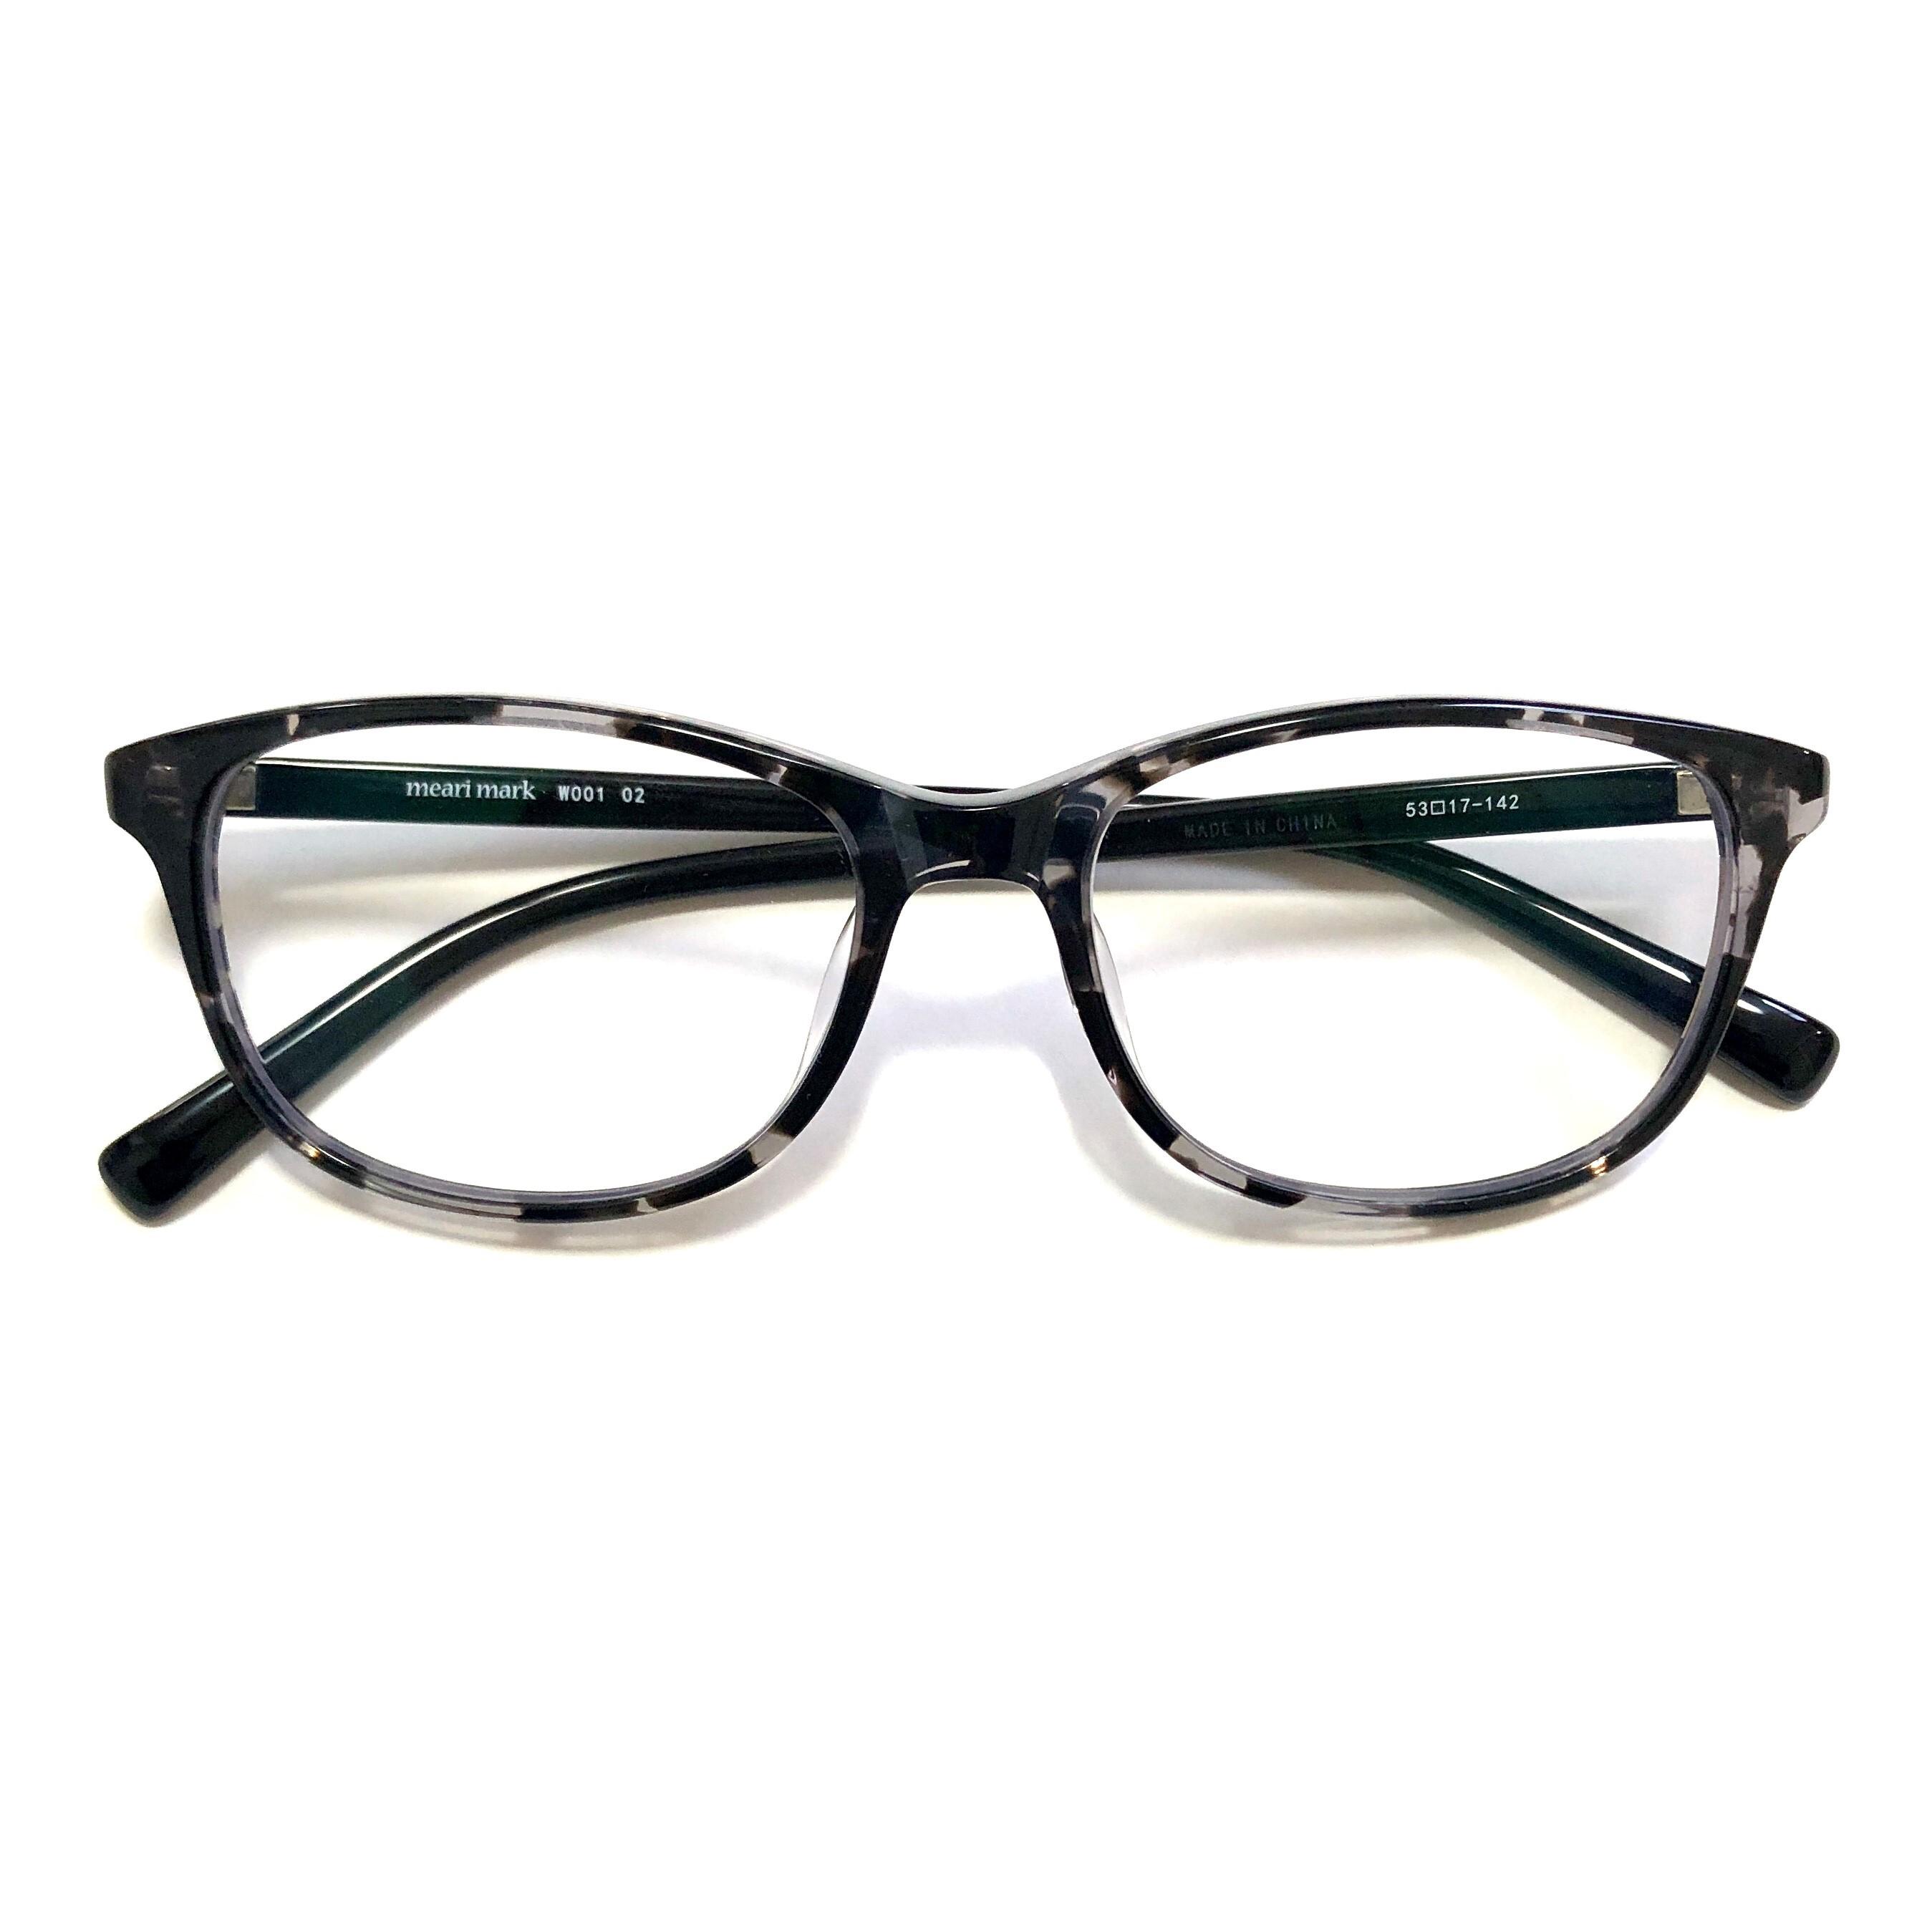 meari mark W001 02(紫外線カットレンズ付きファッショングラス)